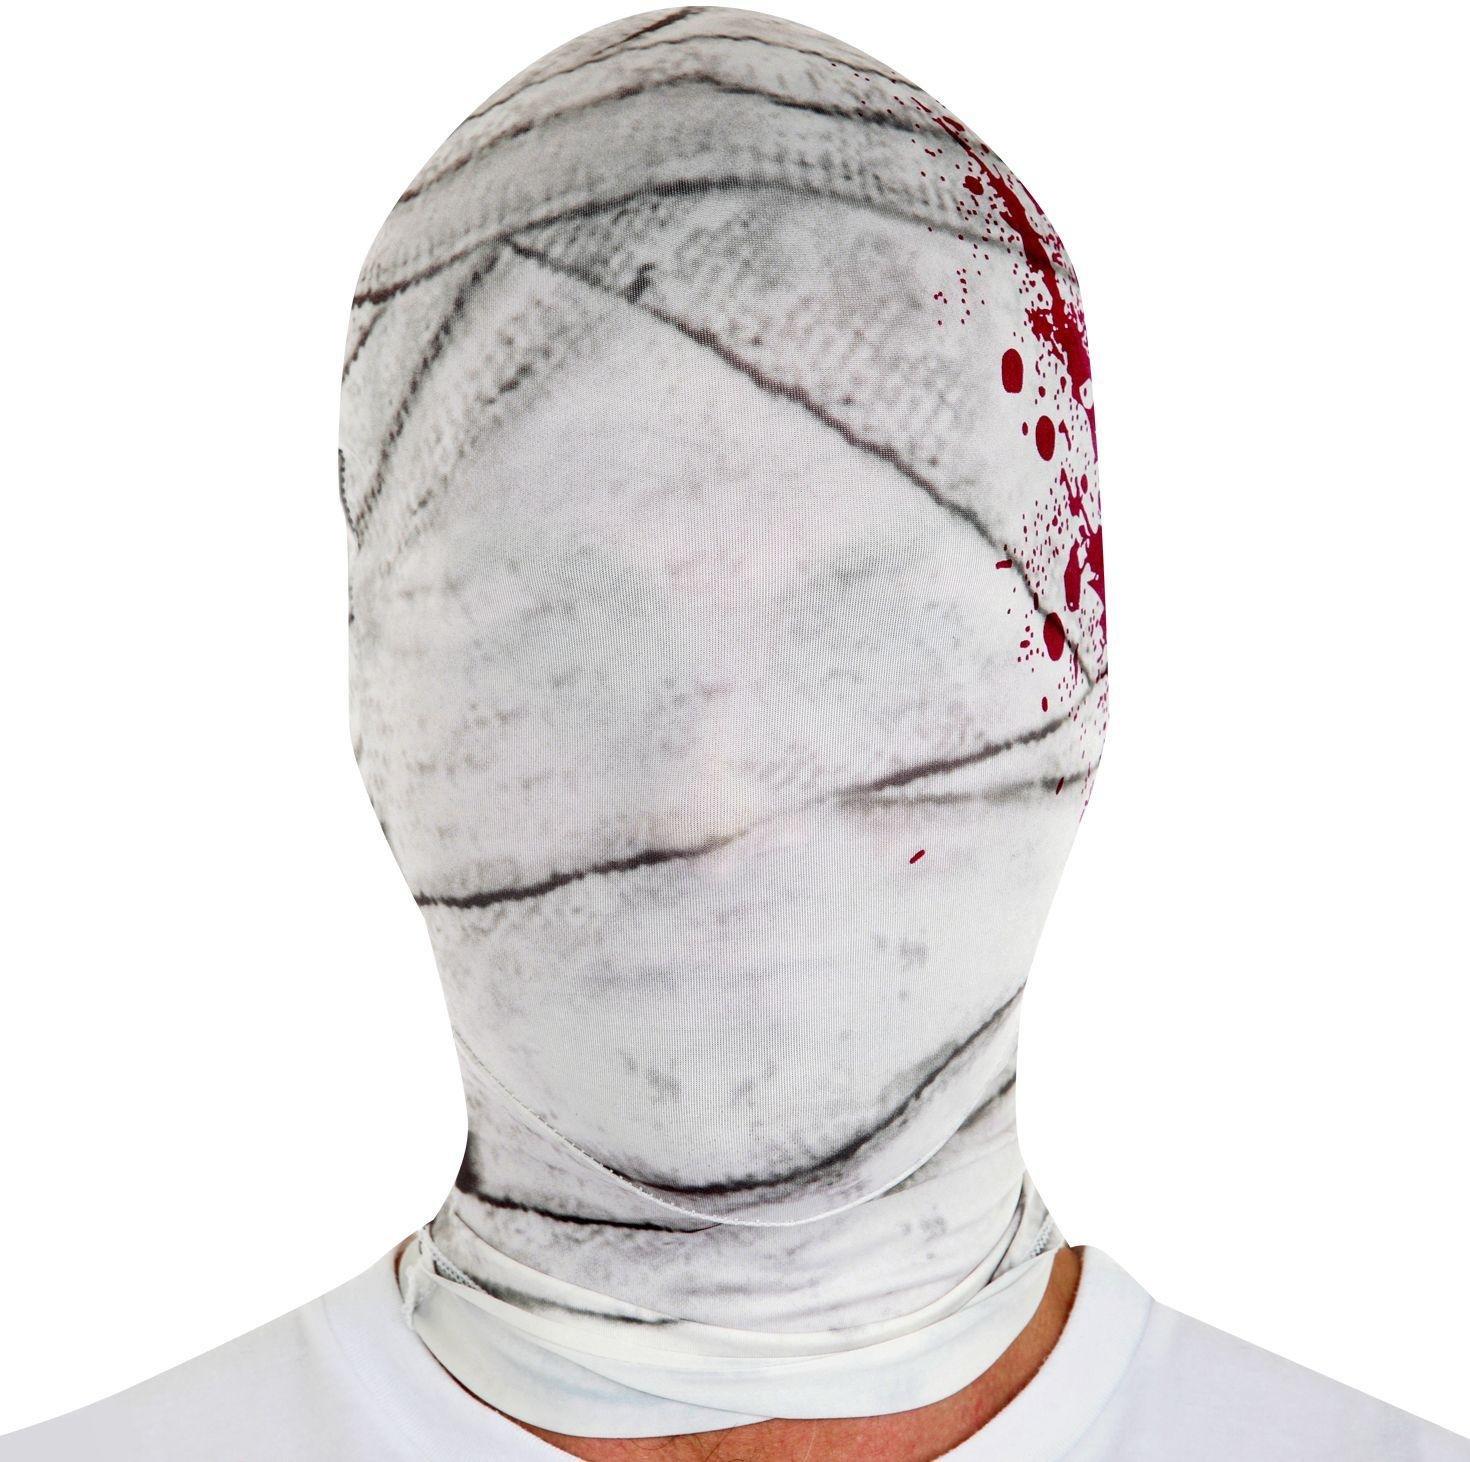 Image of Mummy Morph Mask.